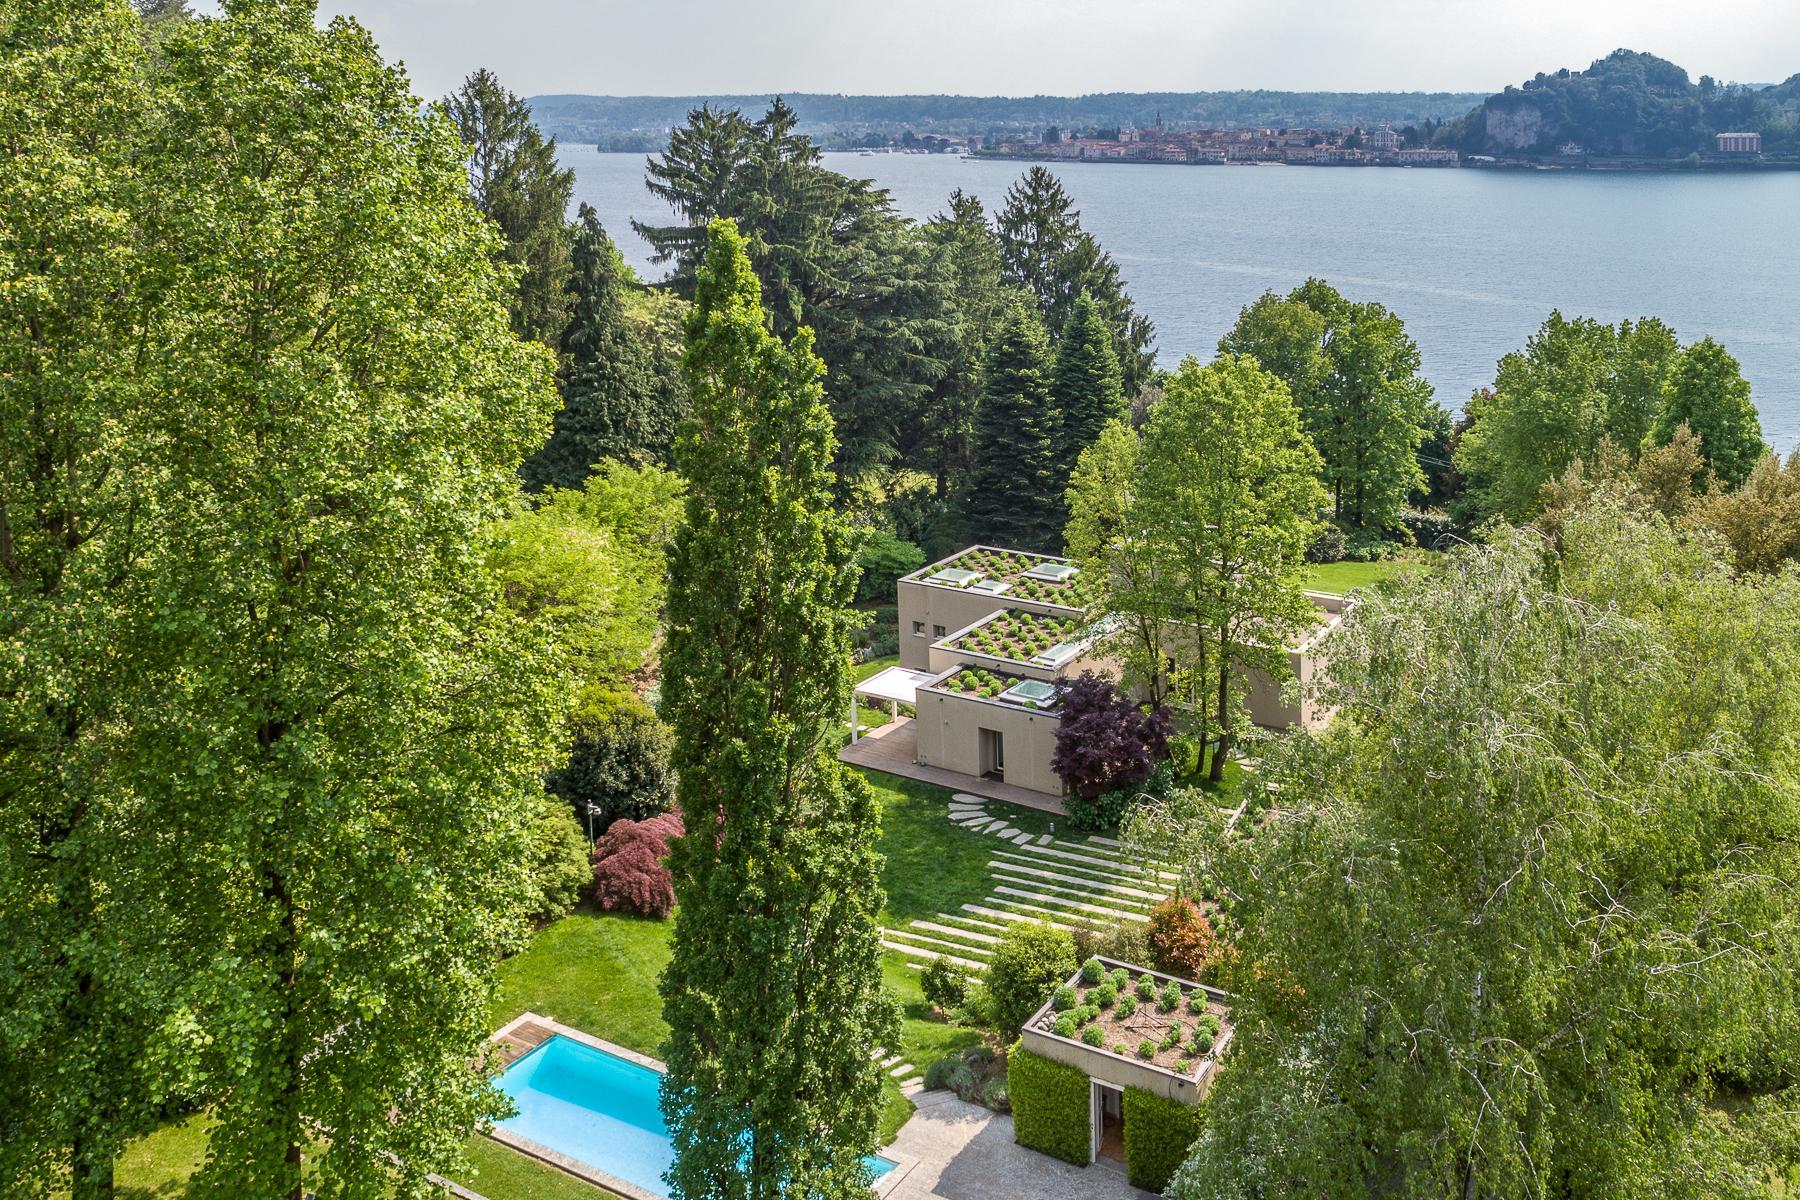 Villa di design eco sostenibile sul Lago Maggiore - 4